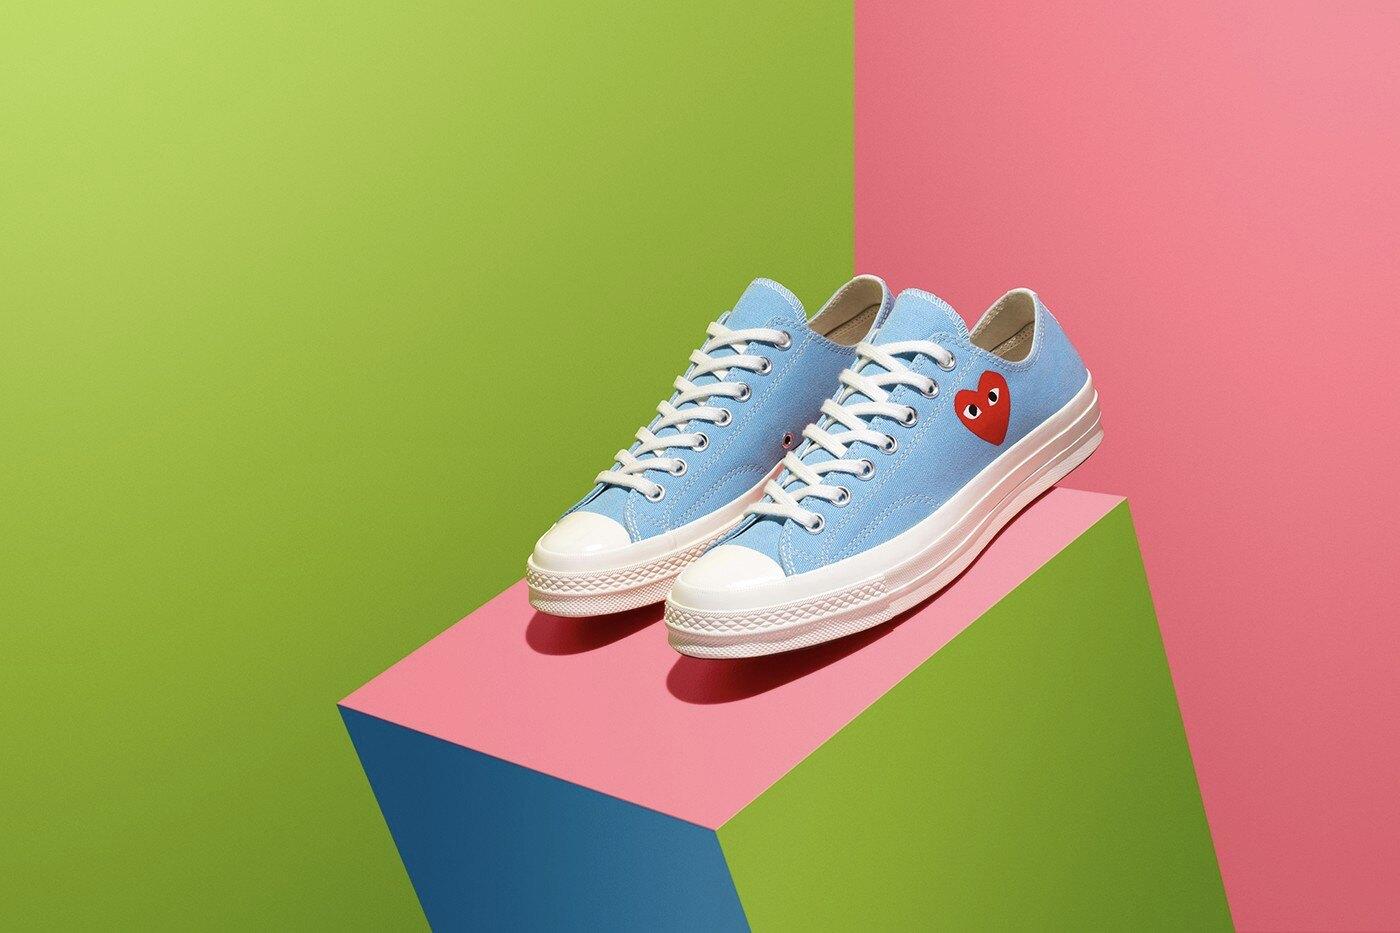 【日本關西海外代購】Converse x CDG PLA 1970S CHUCK TAYLOR 藍 粉藍 低筒 帆布鞋 川久保玲 2020 新款